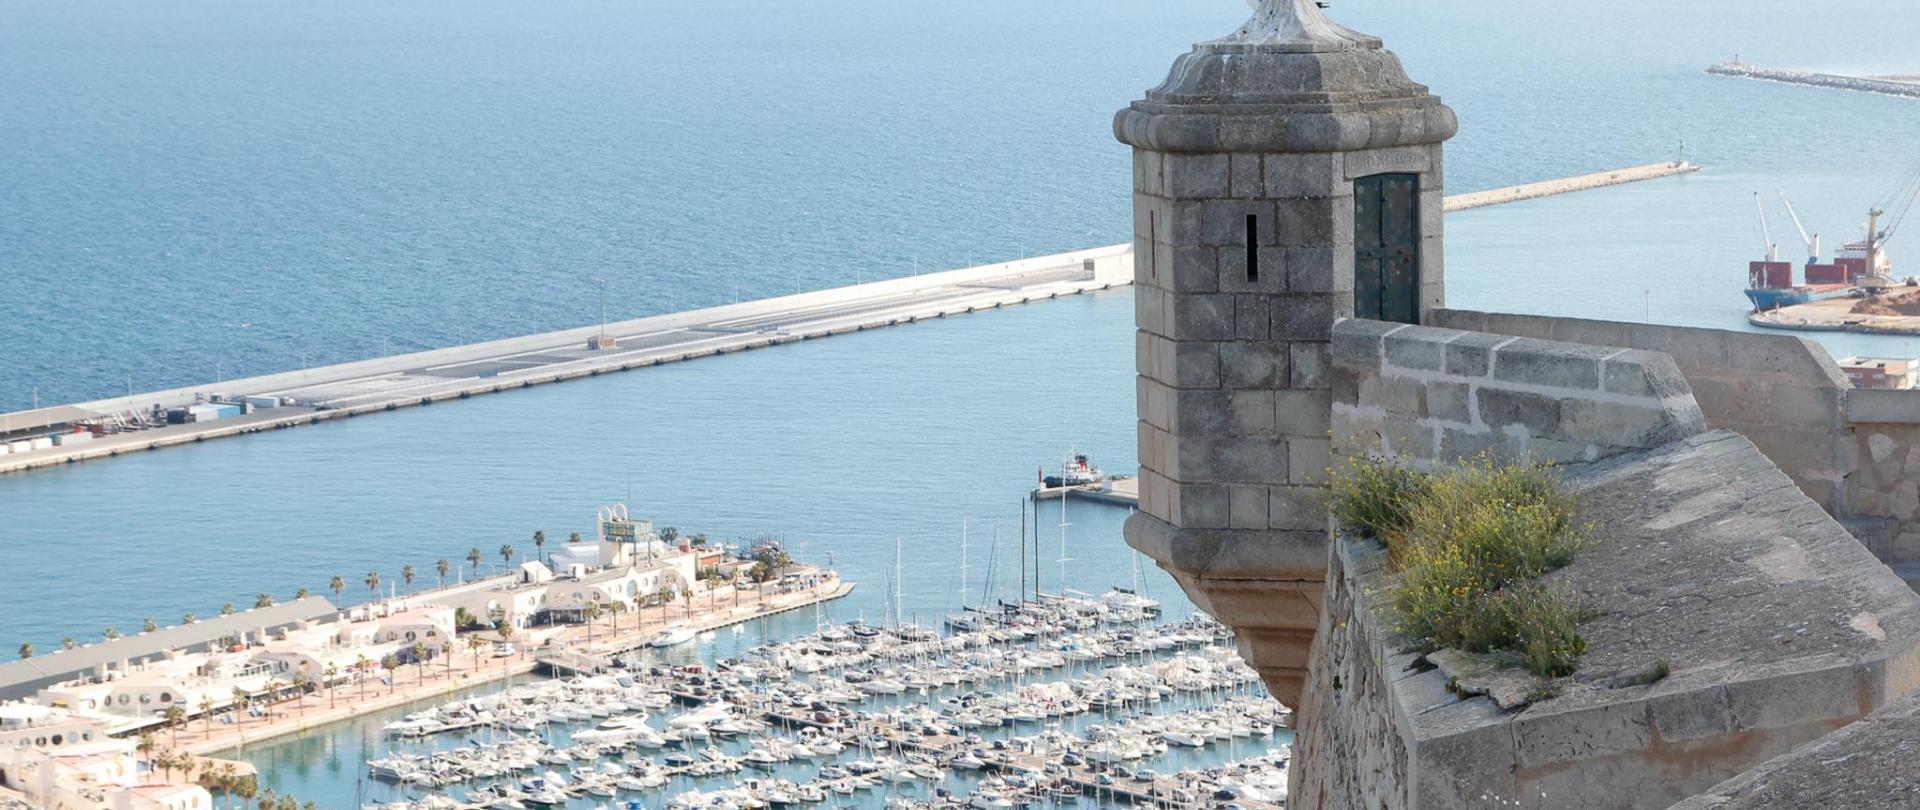 Apartamento Alicante Center - Holidays ByF